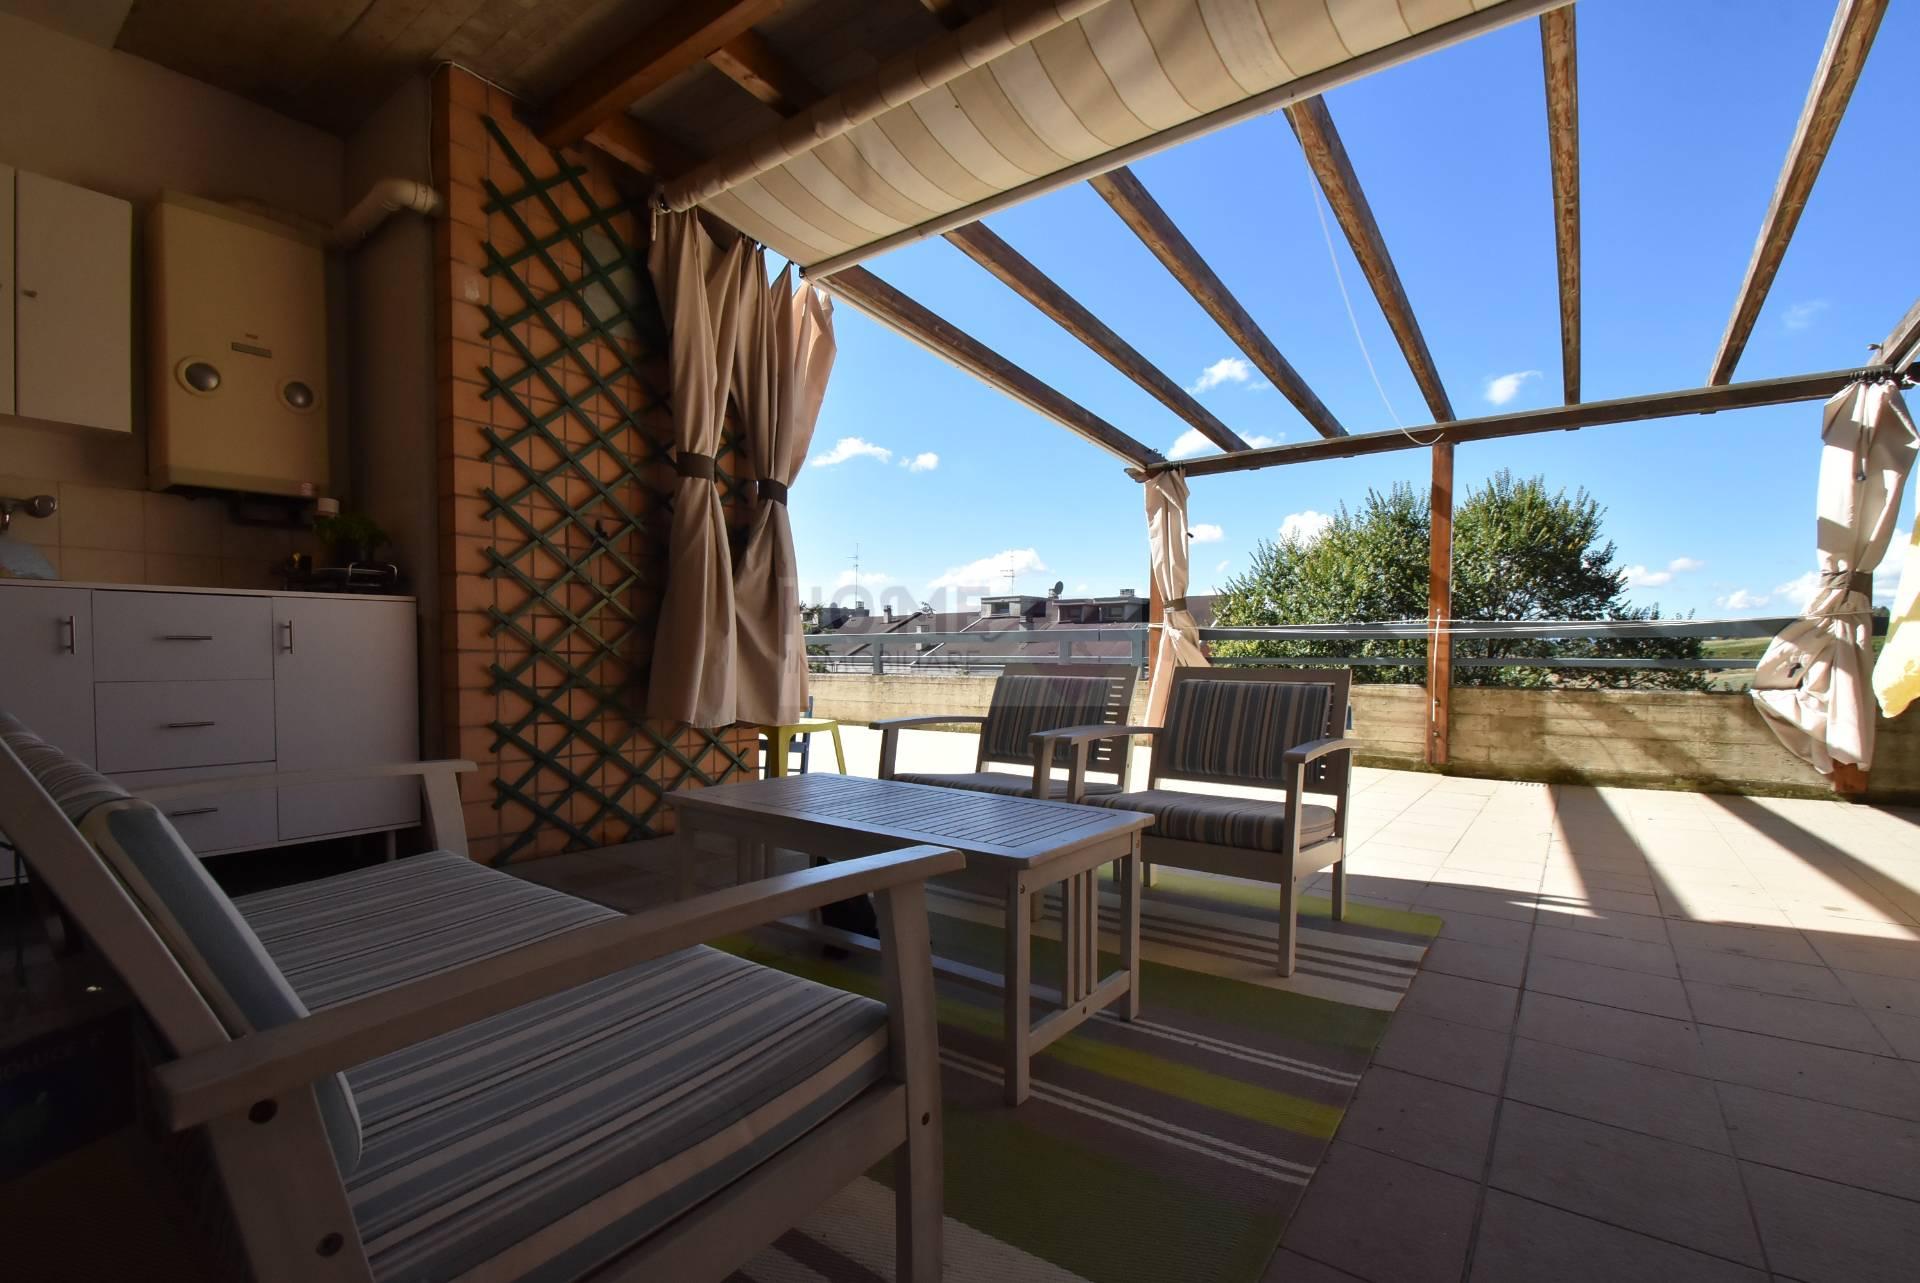 Appartamento in vendita a Macerata, 10 locali, zona Località: zonaSanFrancesco, prezzo € 270.000 | Cambio Casa.it